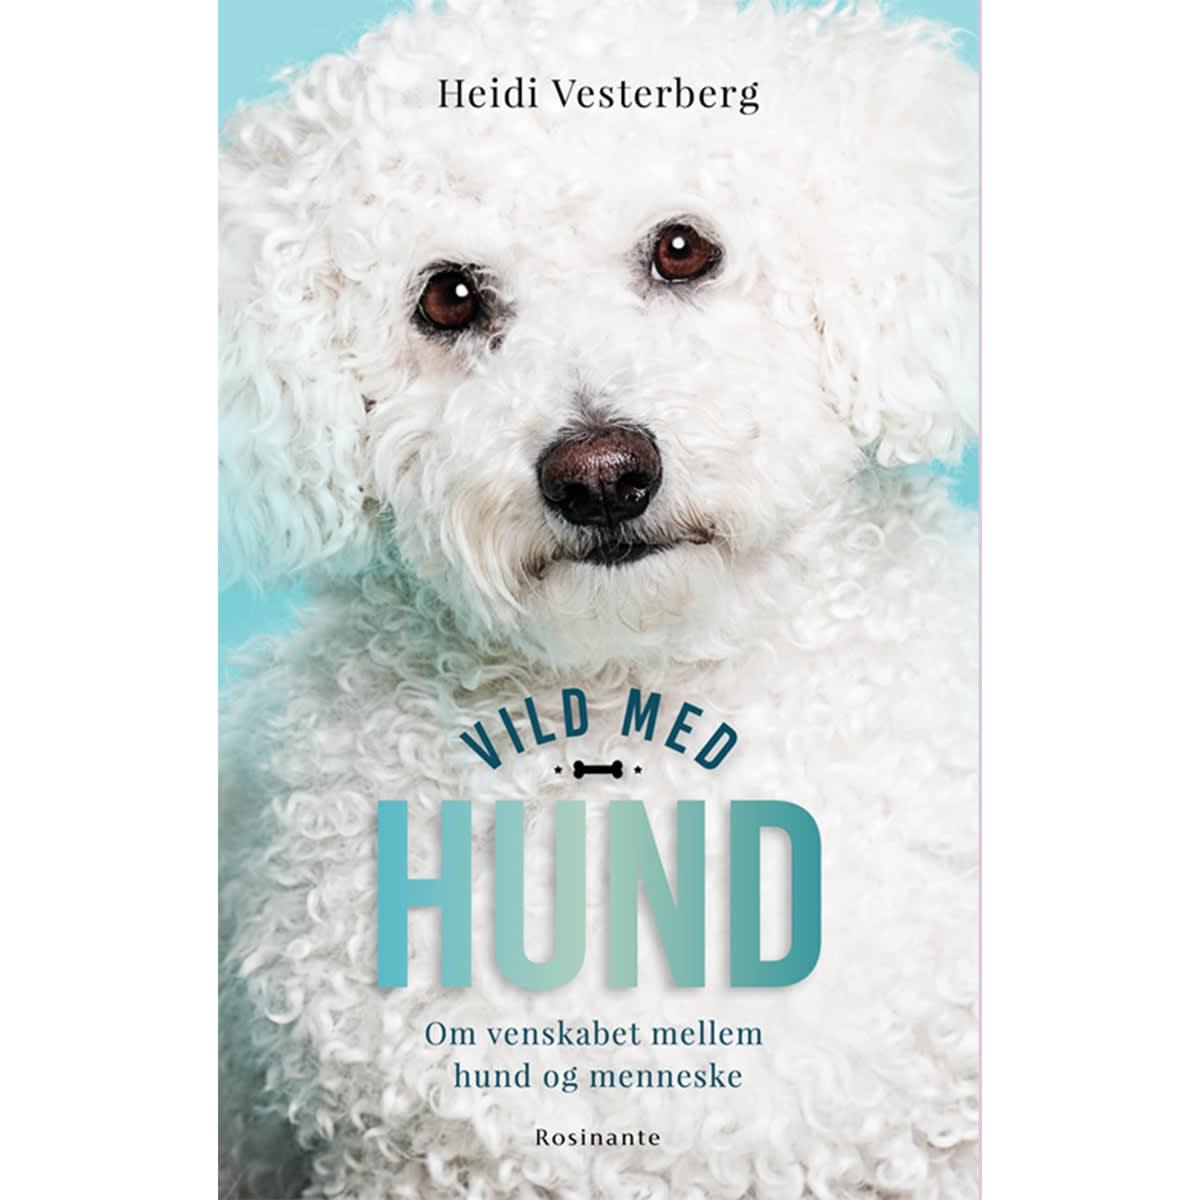 Af Heidi Vesterberg